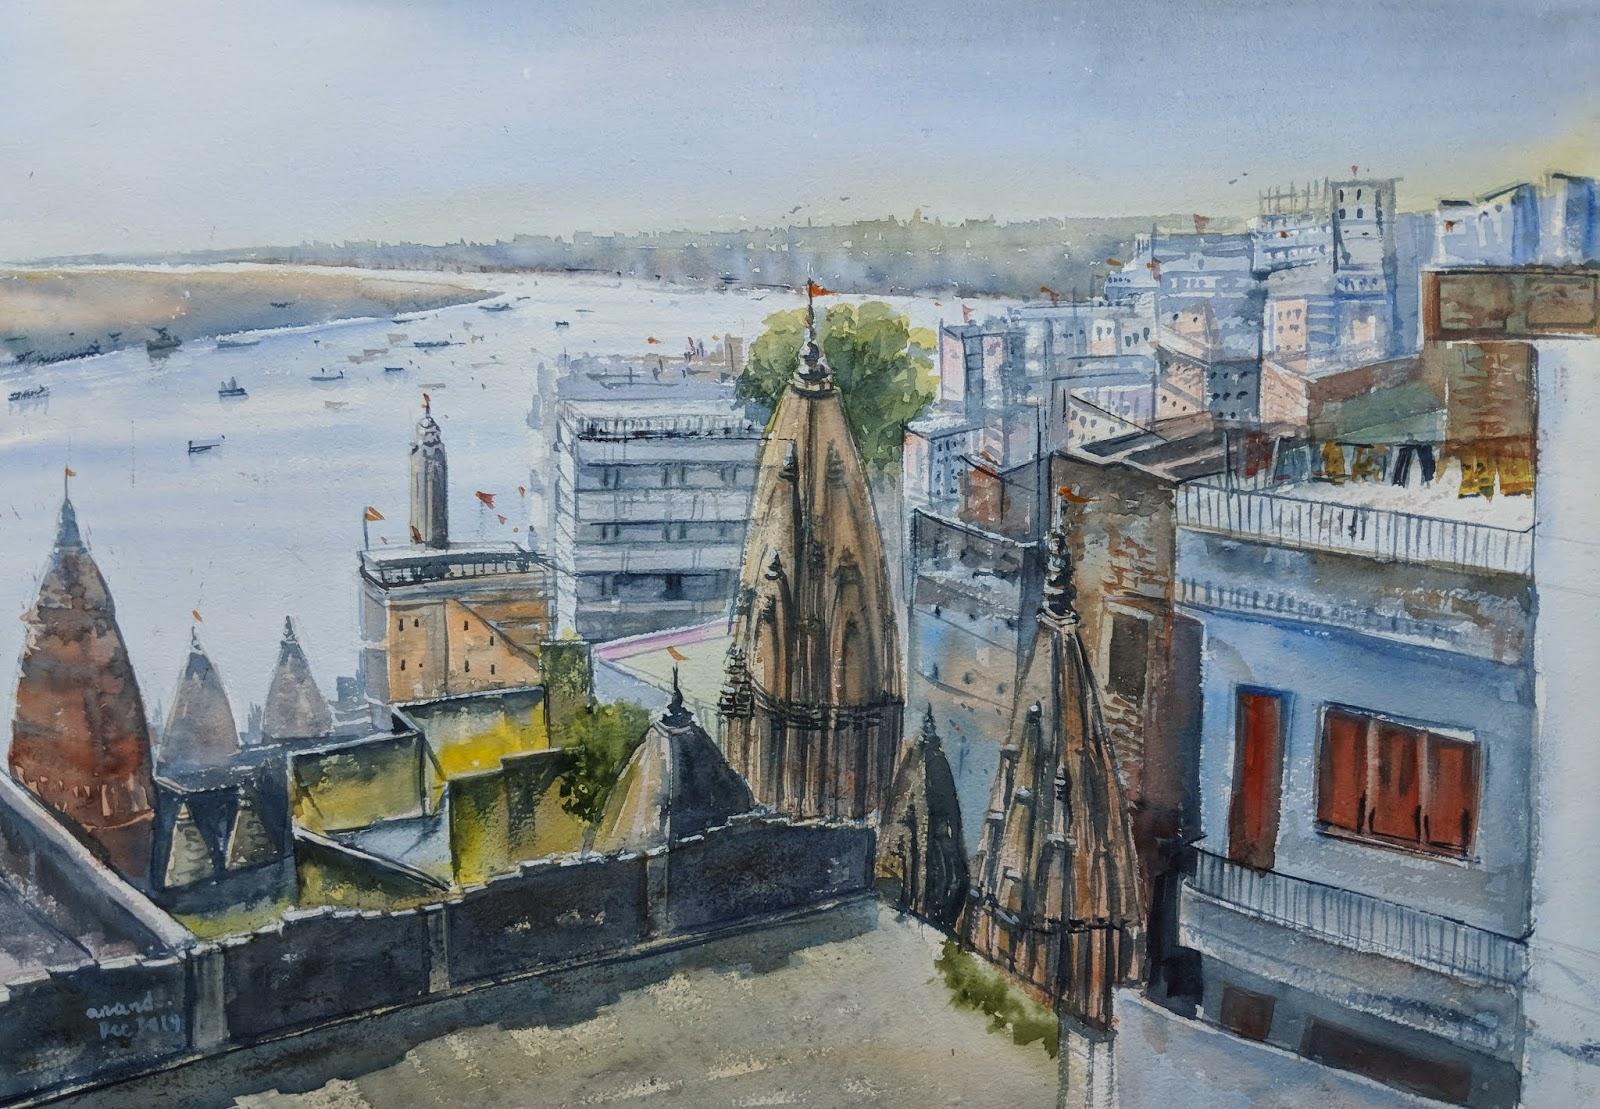 Ghats of Ganges